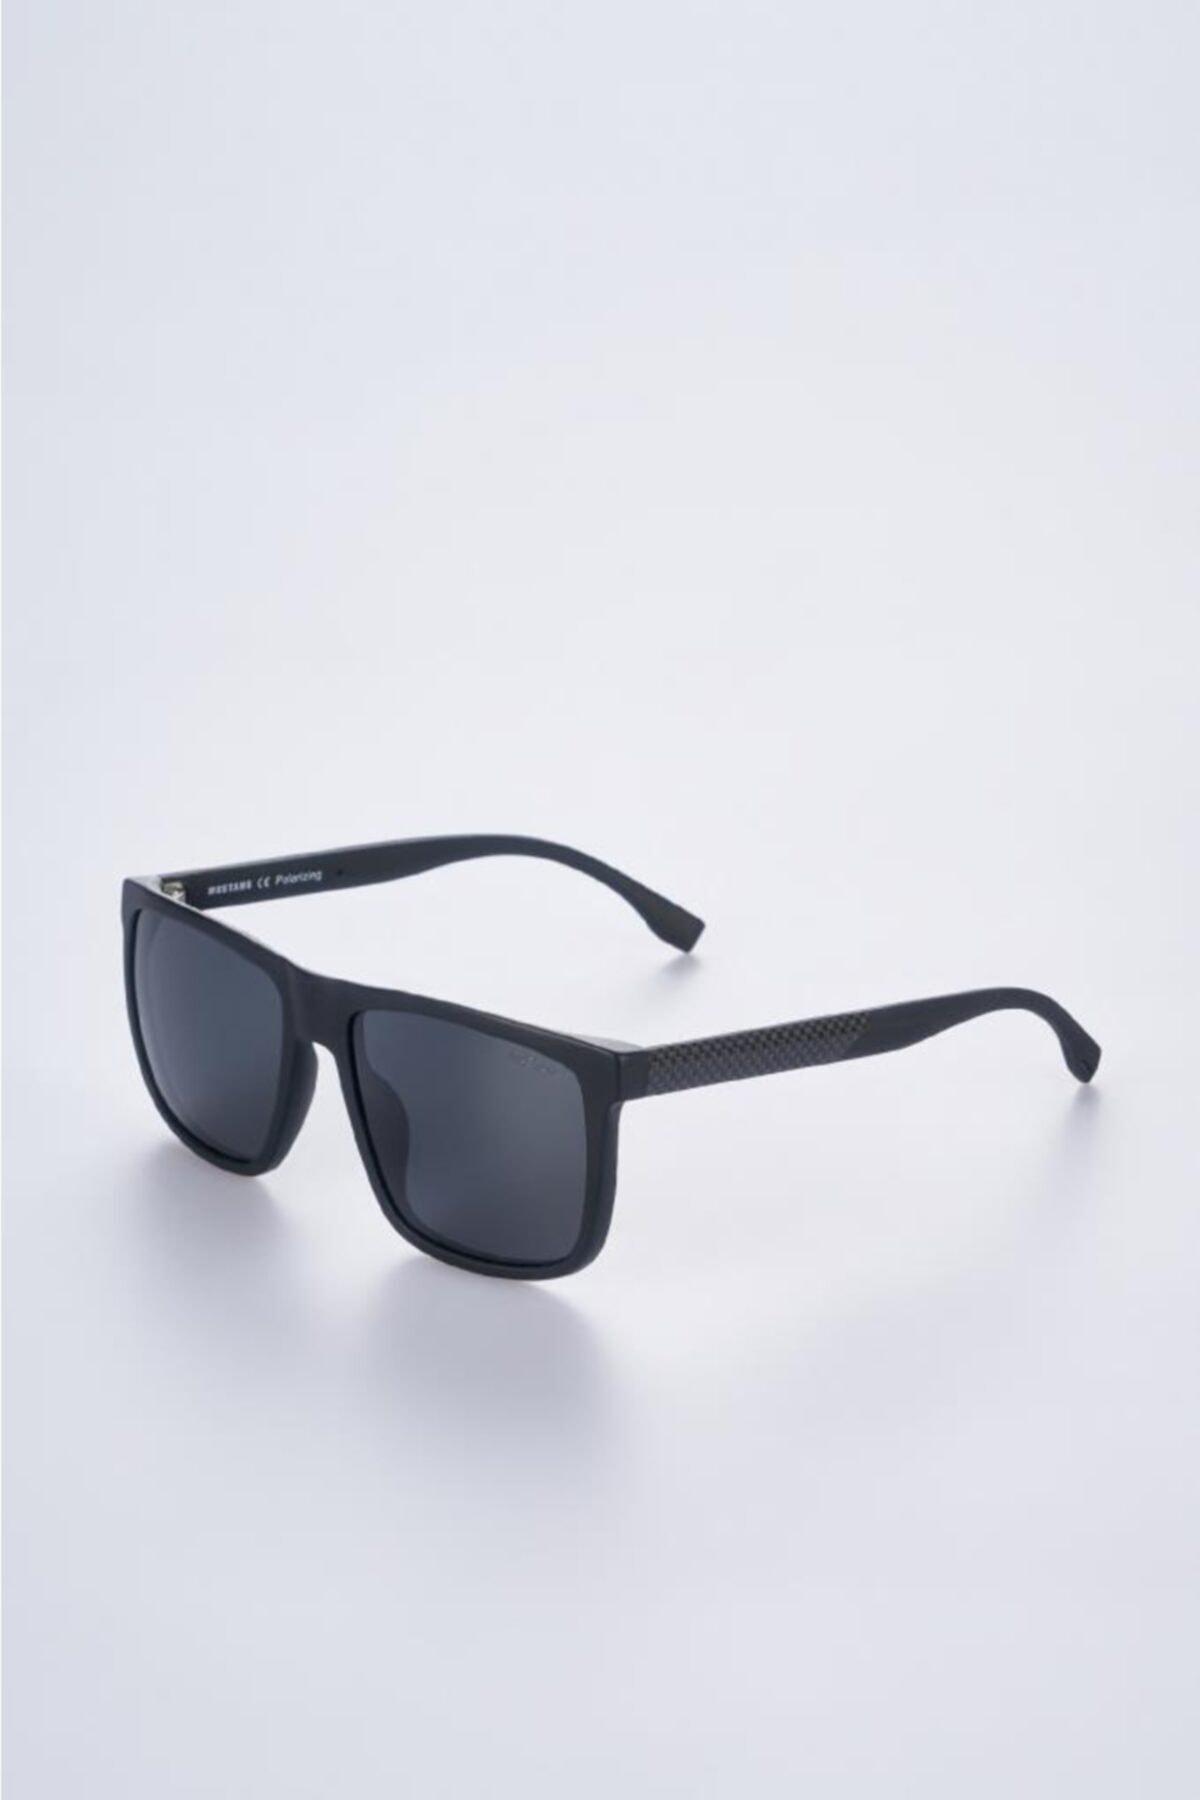 خرید غیر حضوری عینک دودی از ترکیه برند موستانگ رنگ مشکی کد ty97922905